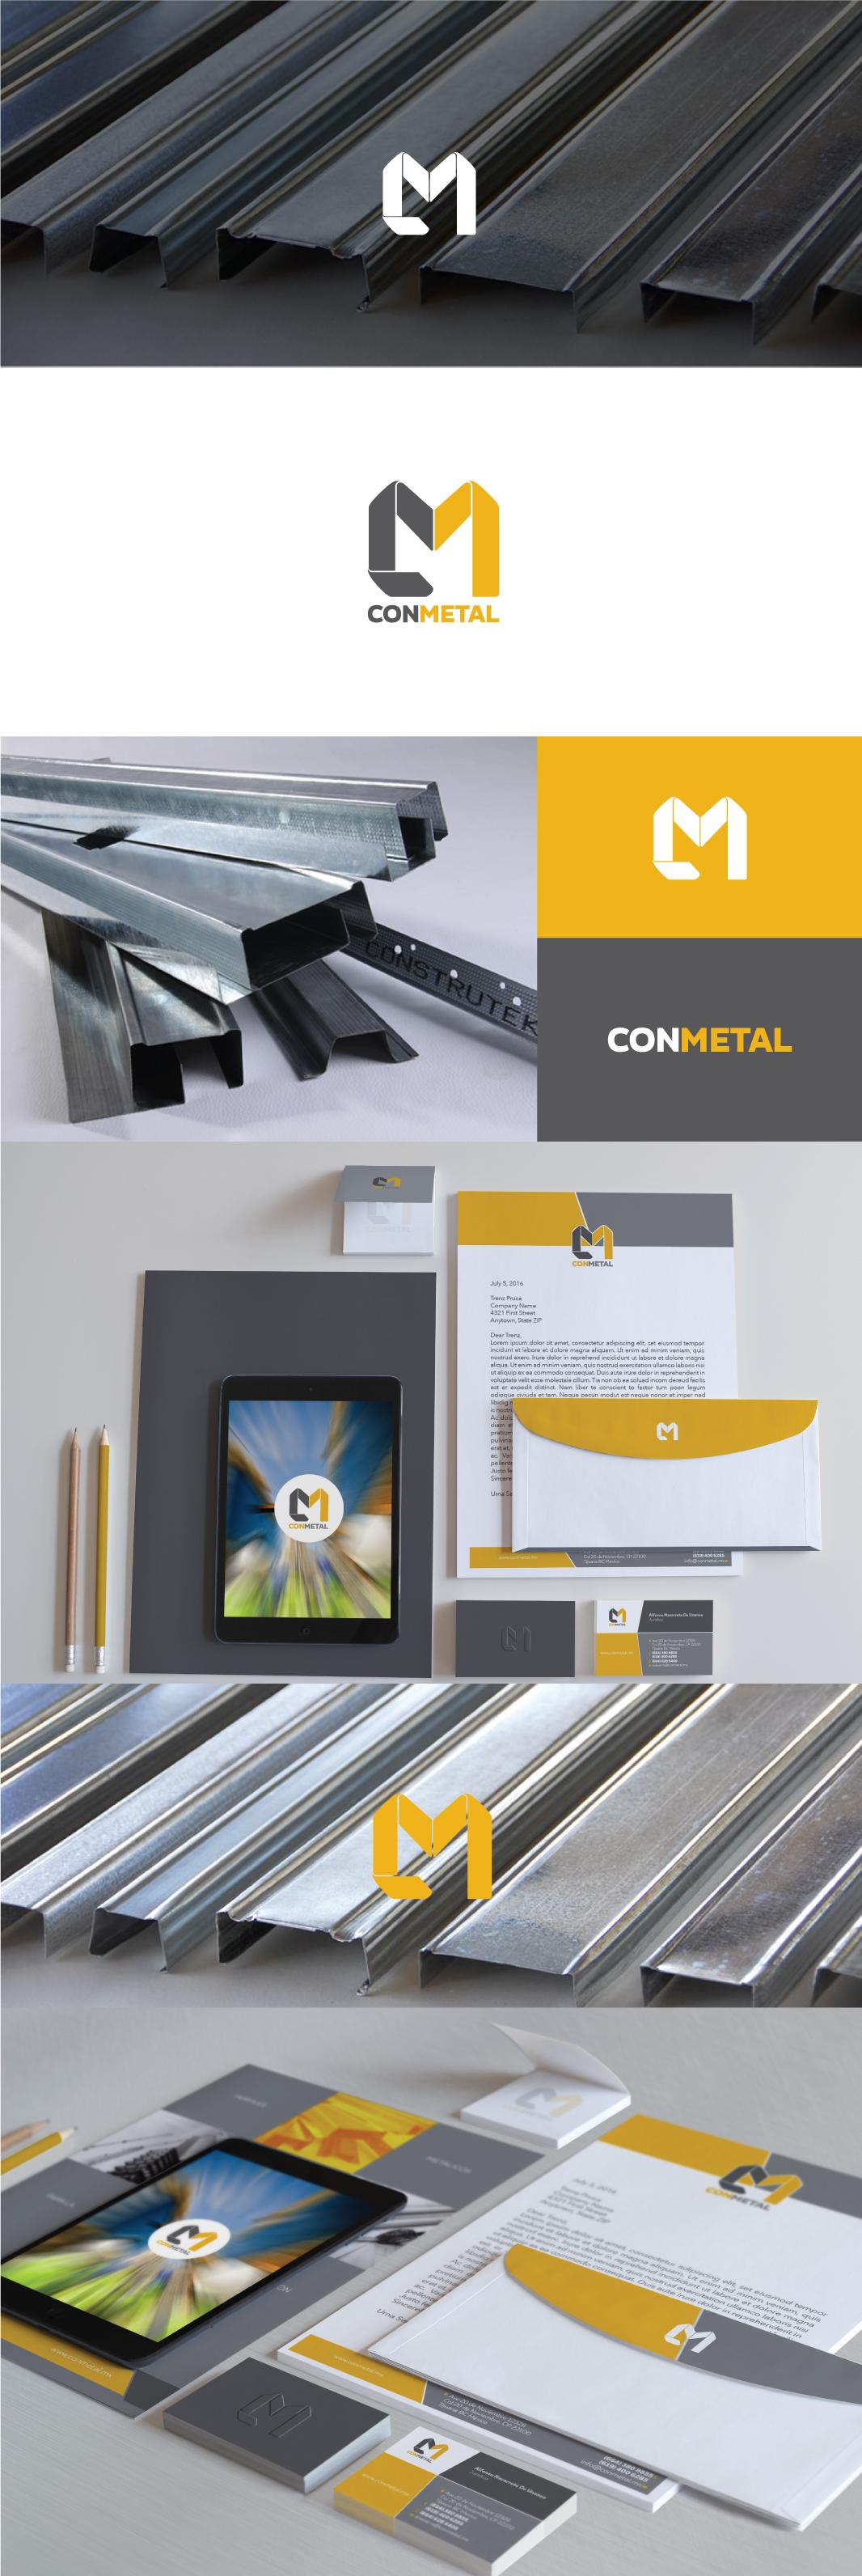 CONMETAL1